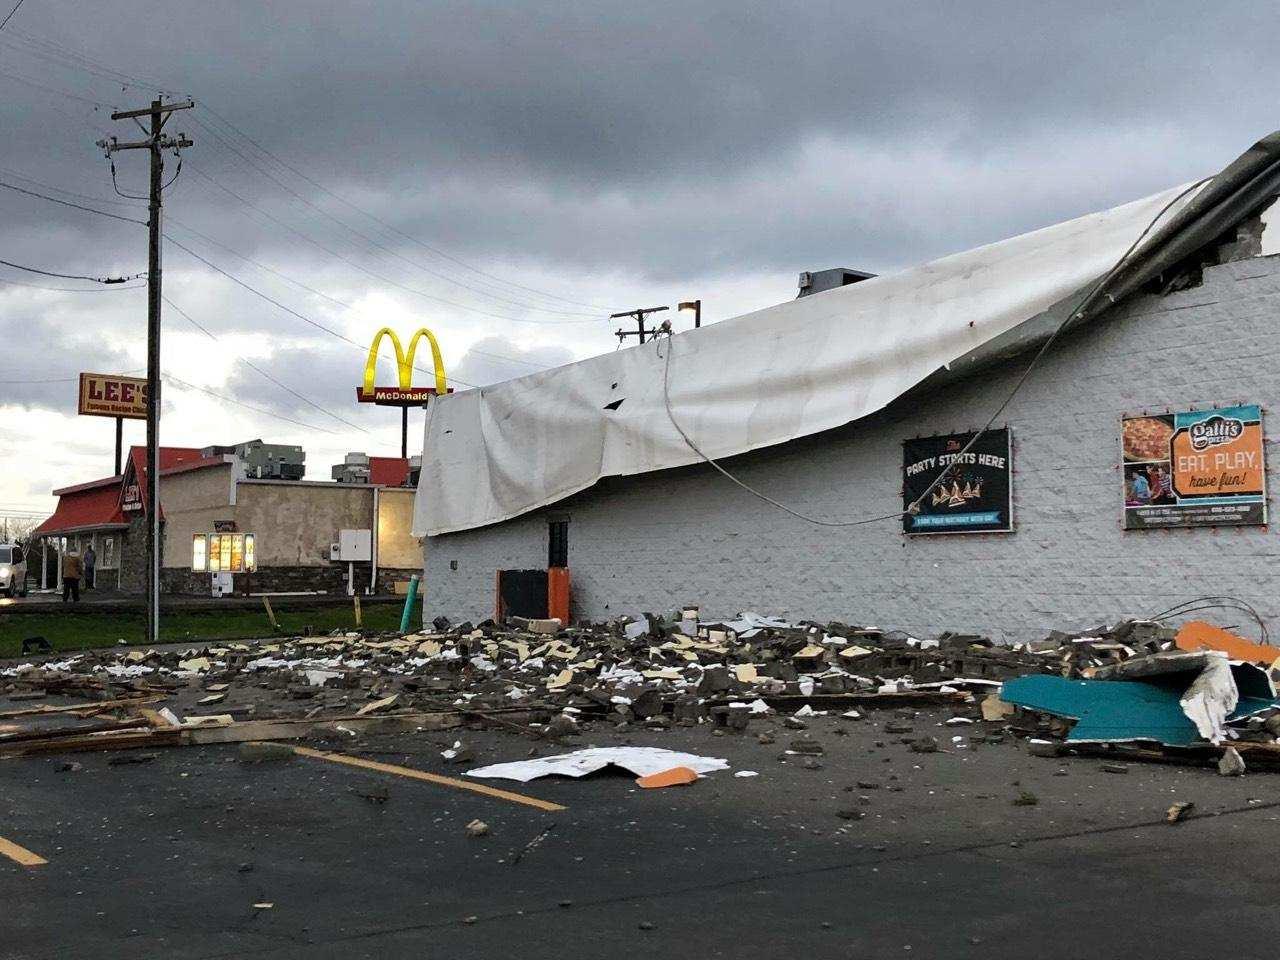 Storms Cause Damage In The Region, Including Corbin's Mr. Gatti's